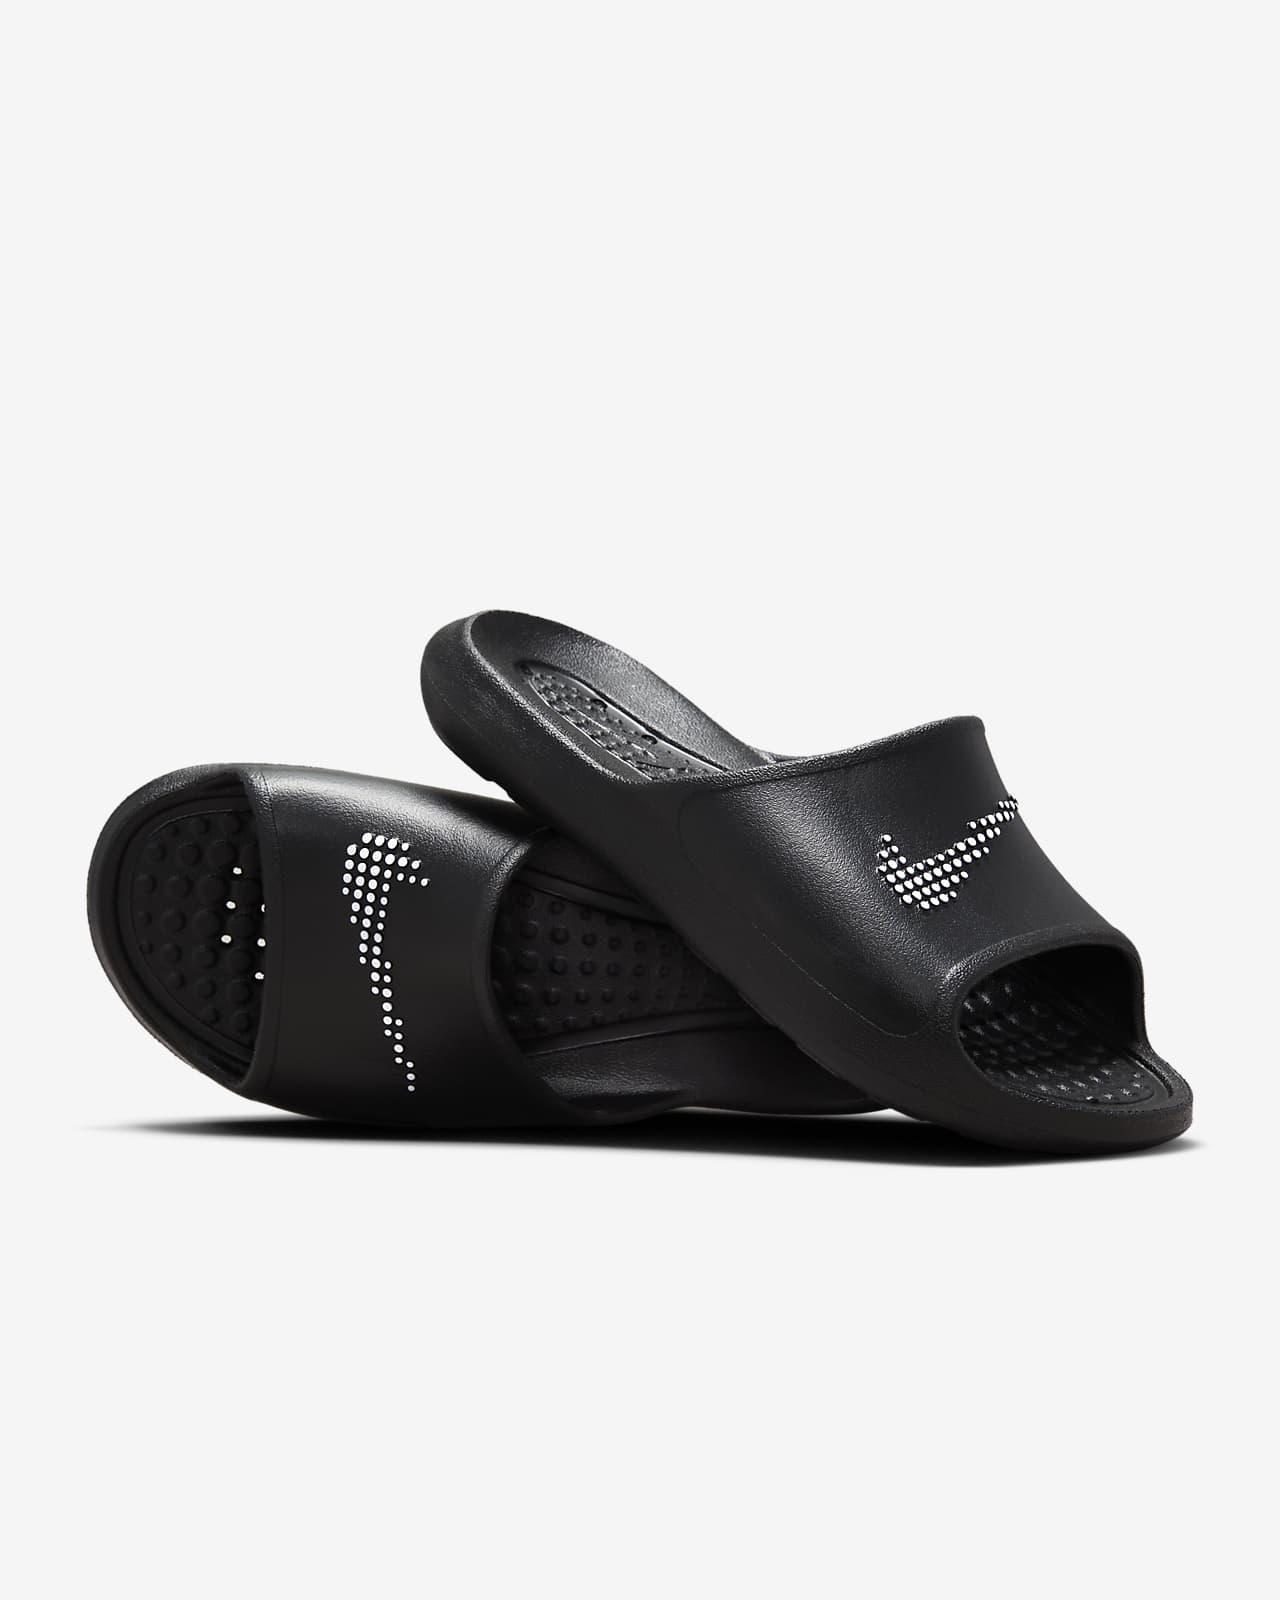 Nike Victori One Shwer 女子拖鞋